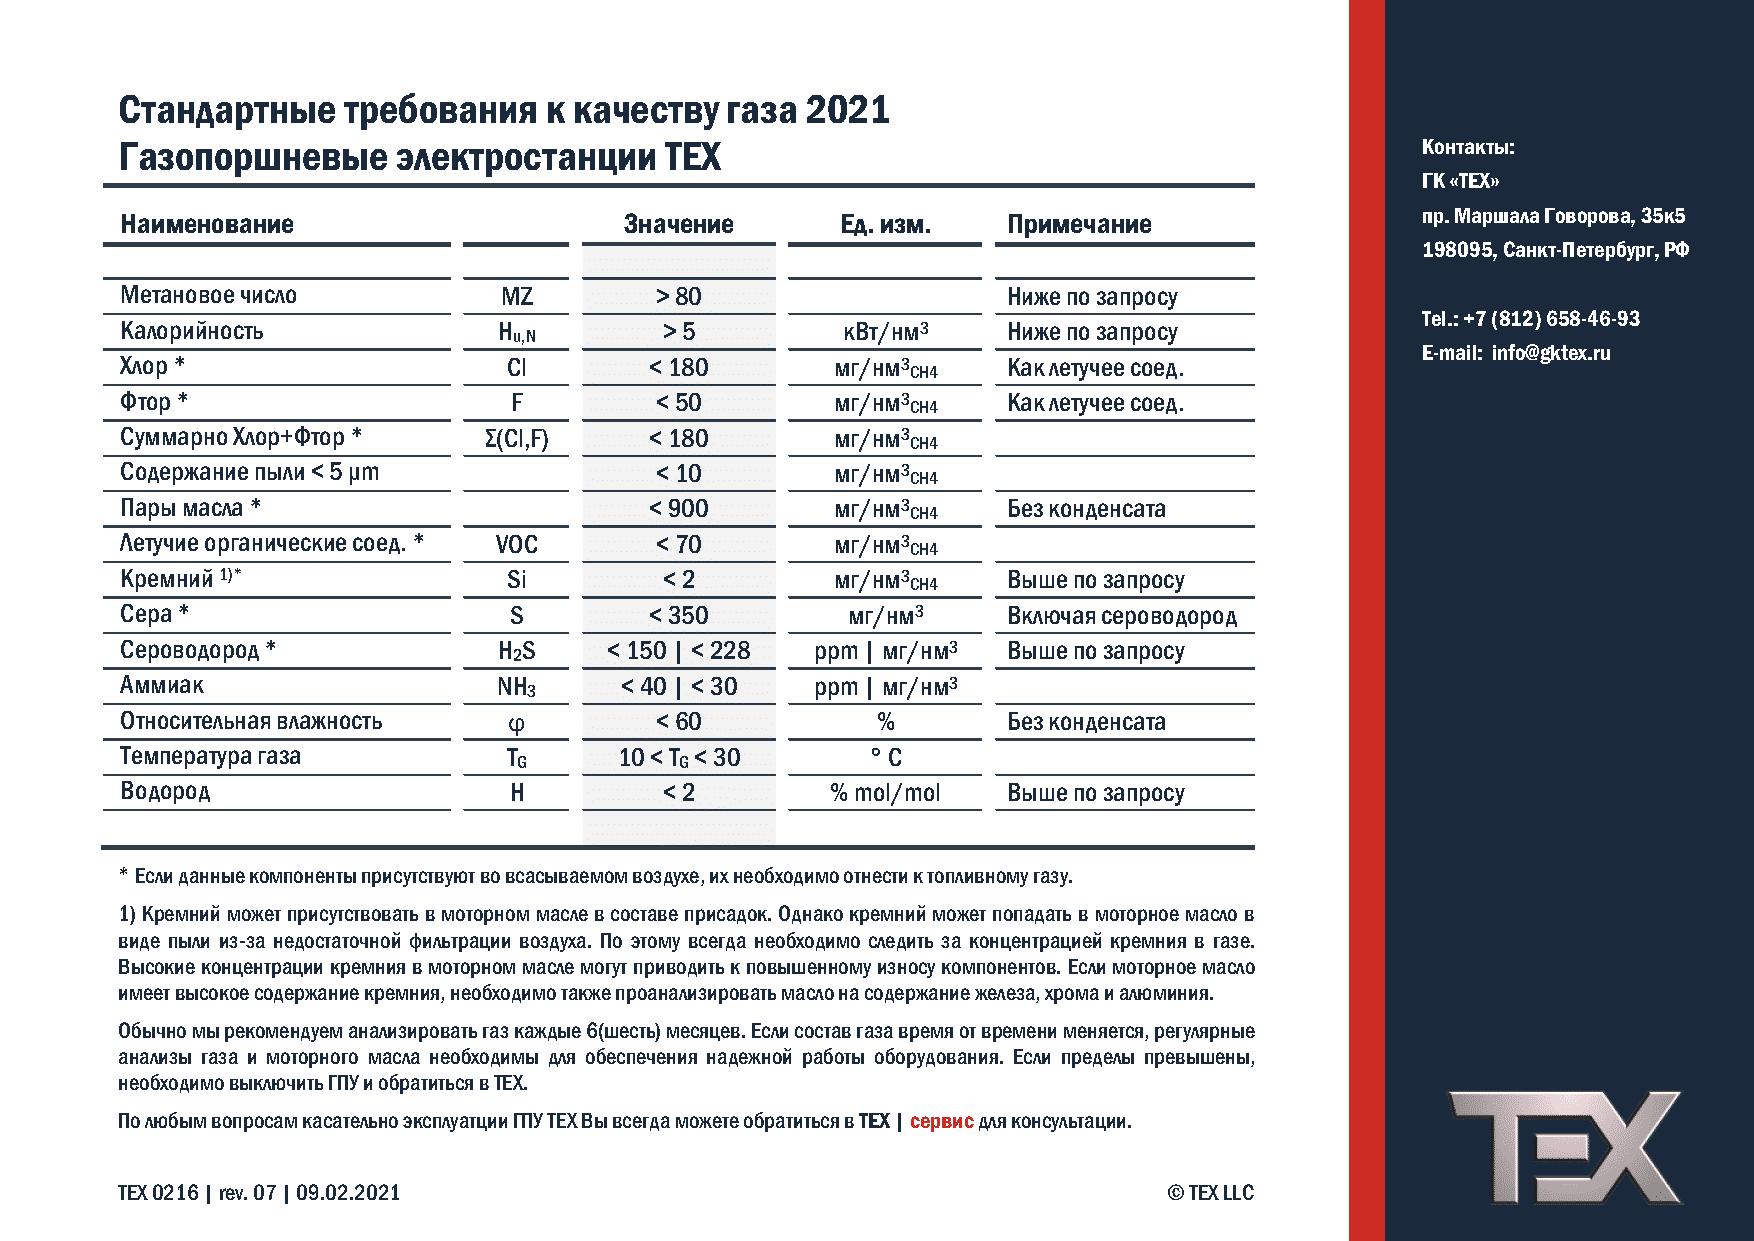 ТЕХ - стандартные требования к качеству газа 2021